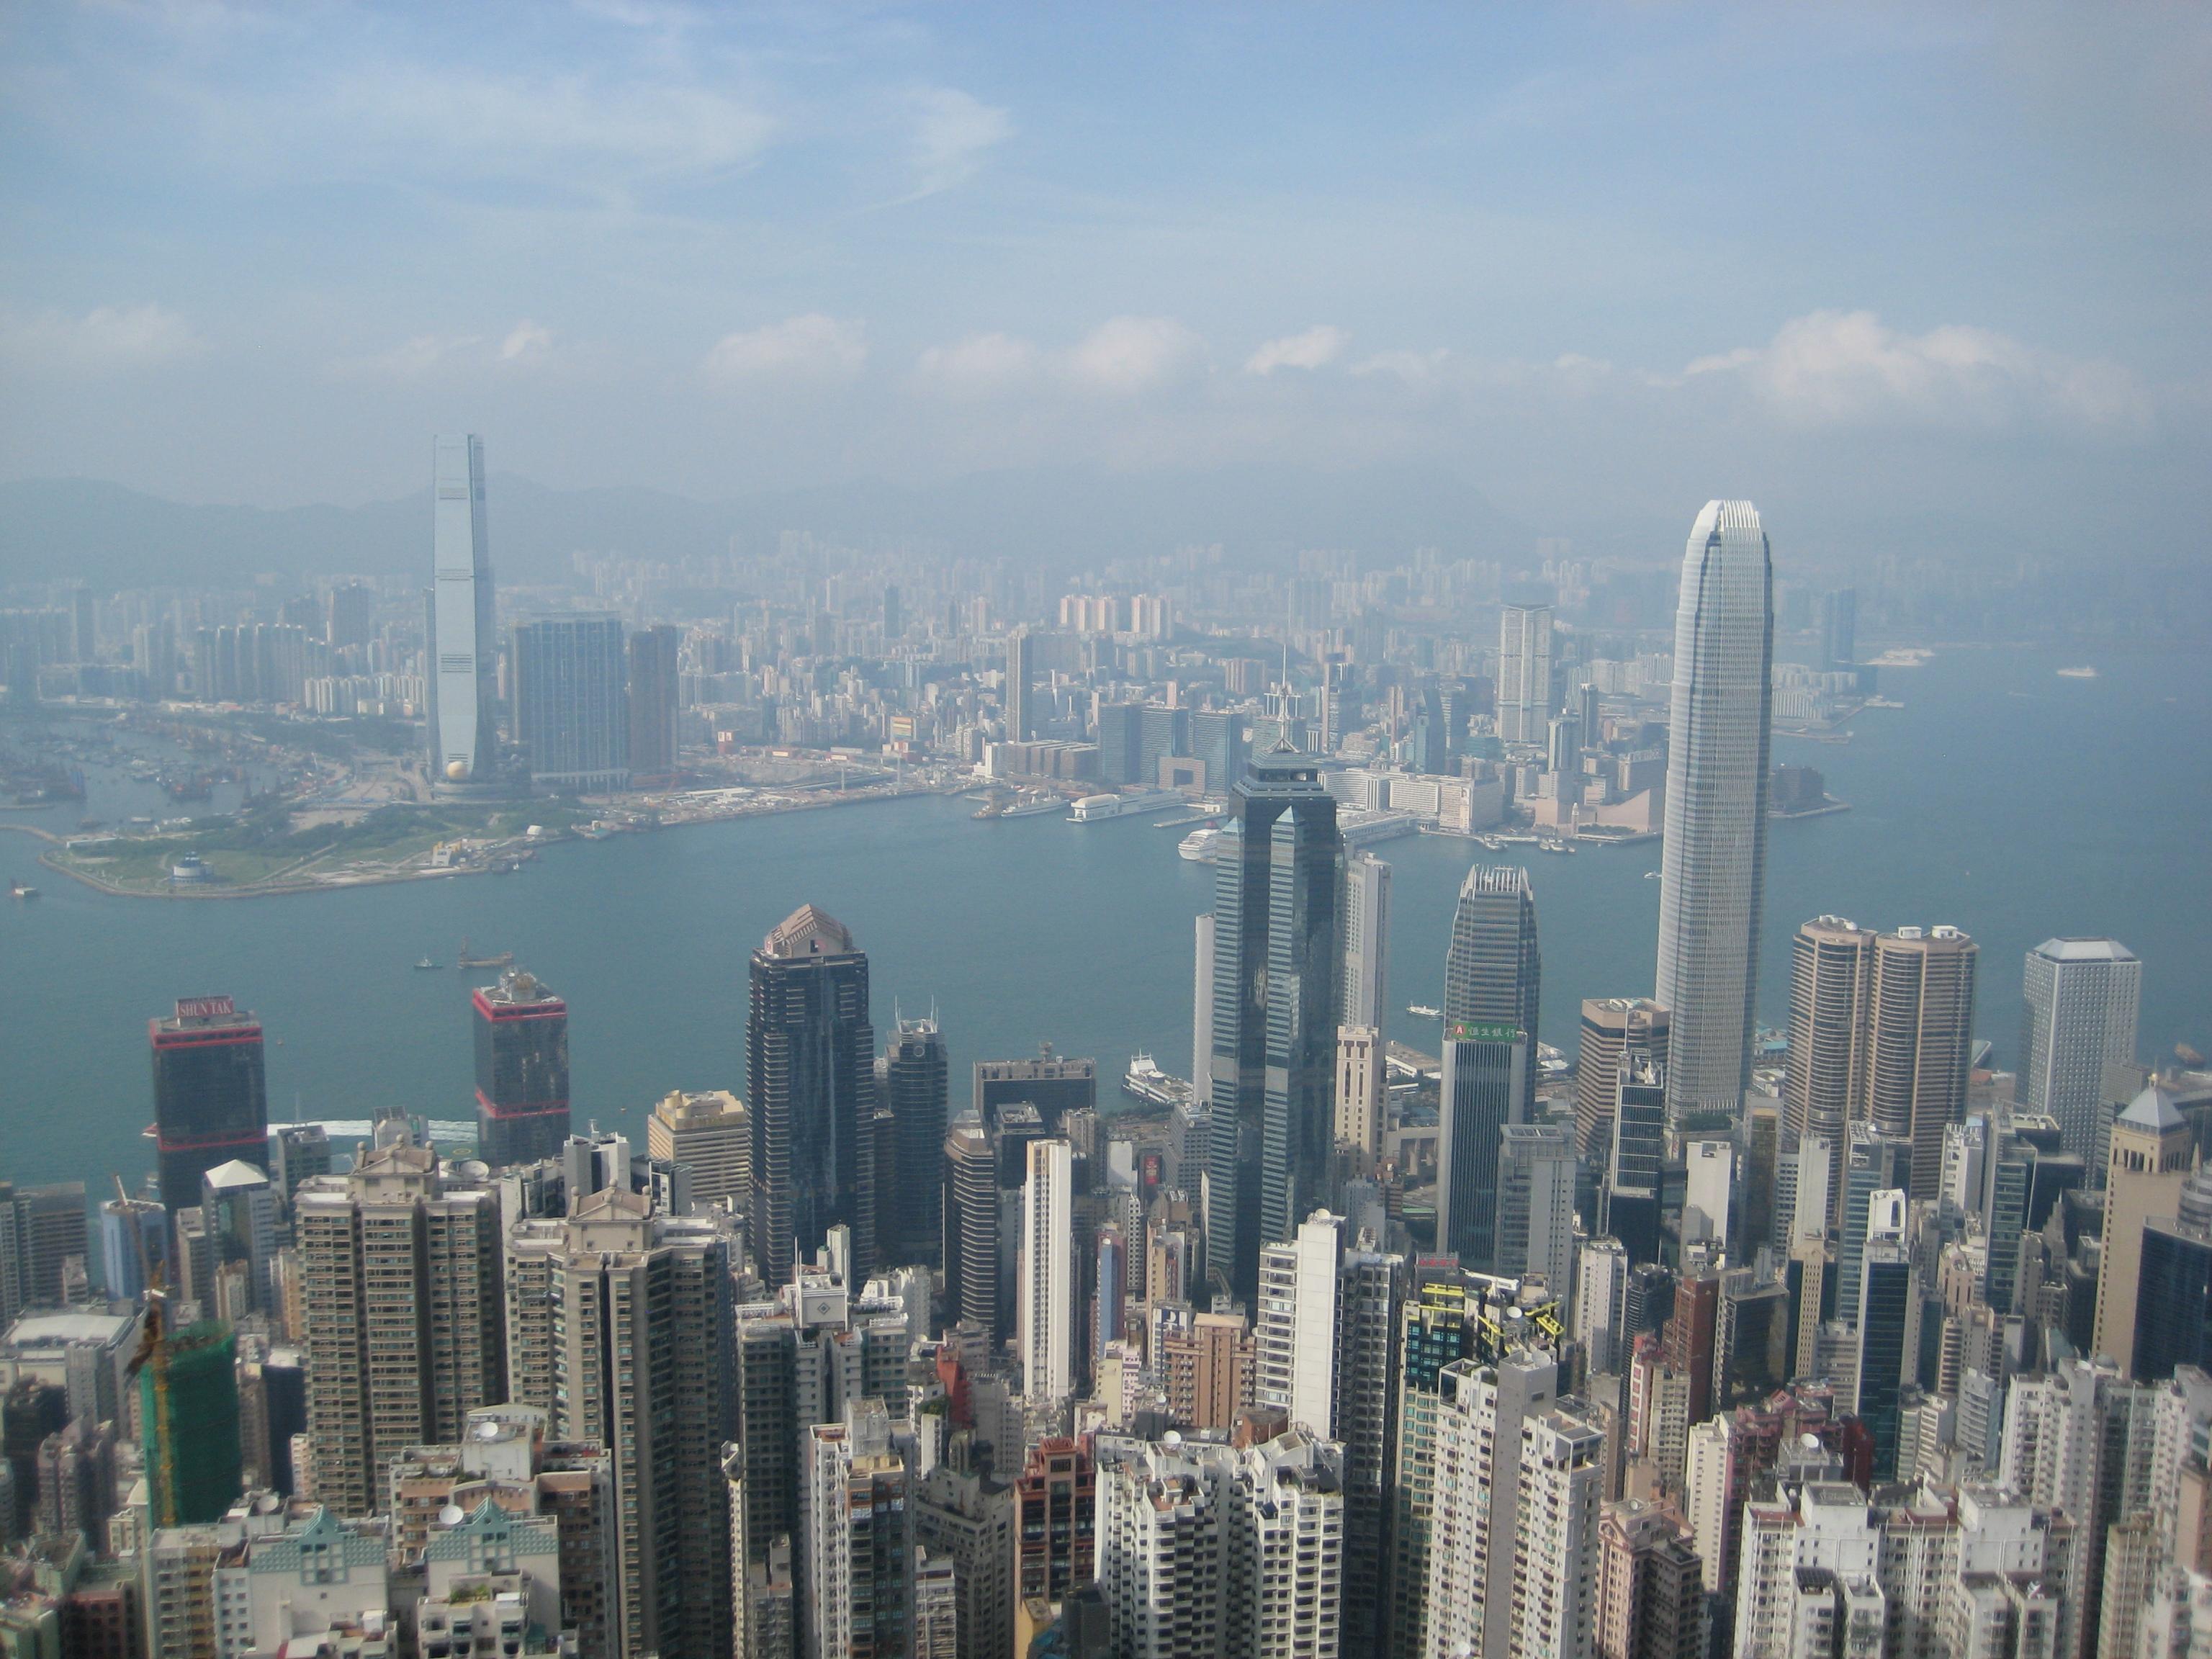 Hong kong s beautiful views marred by pollution china environmental governance - Air china hong kong office ...